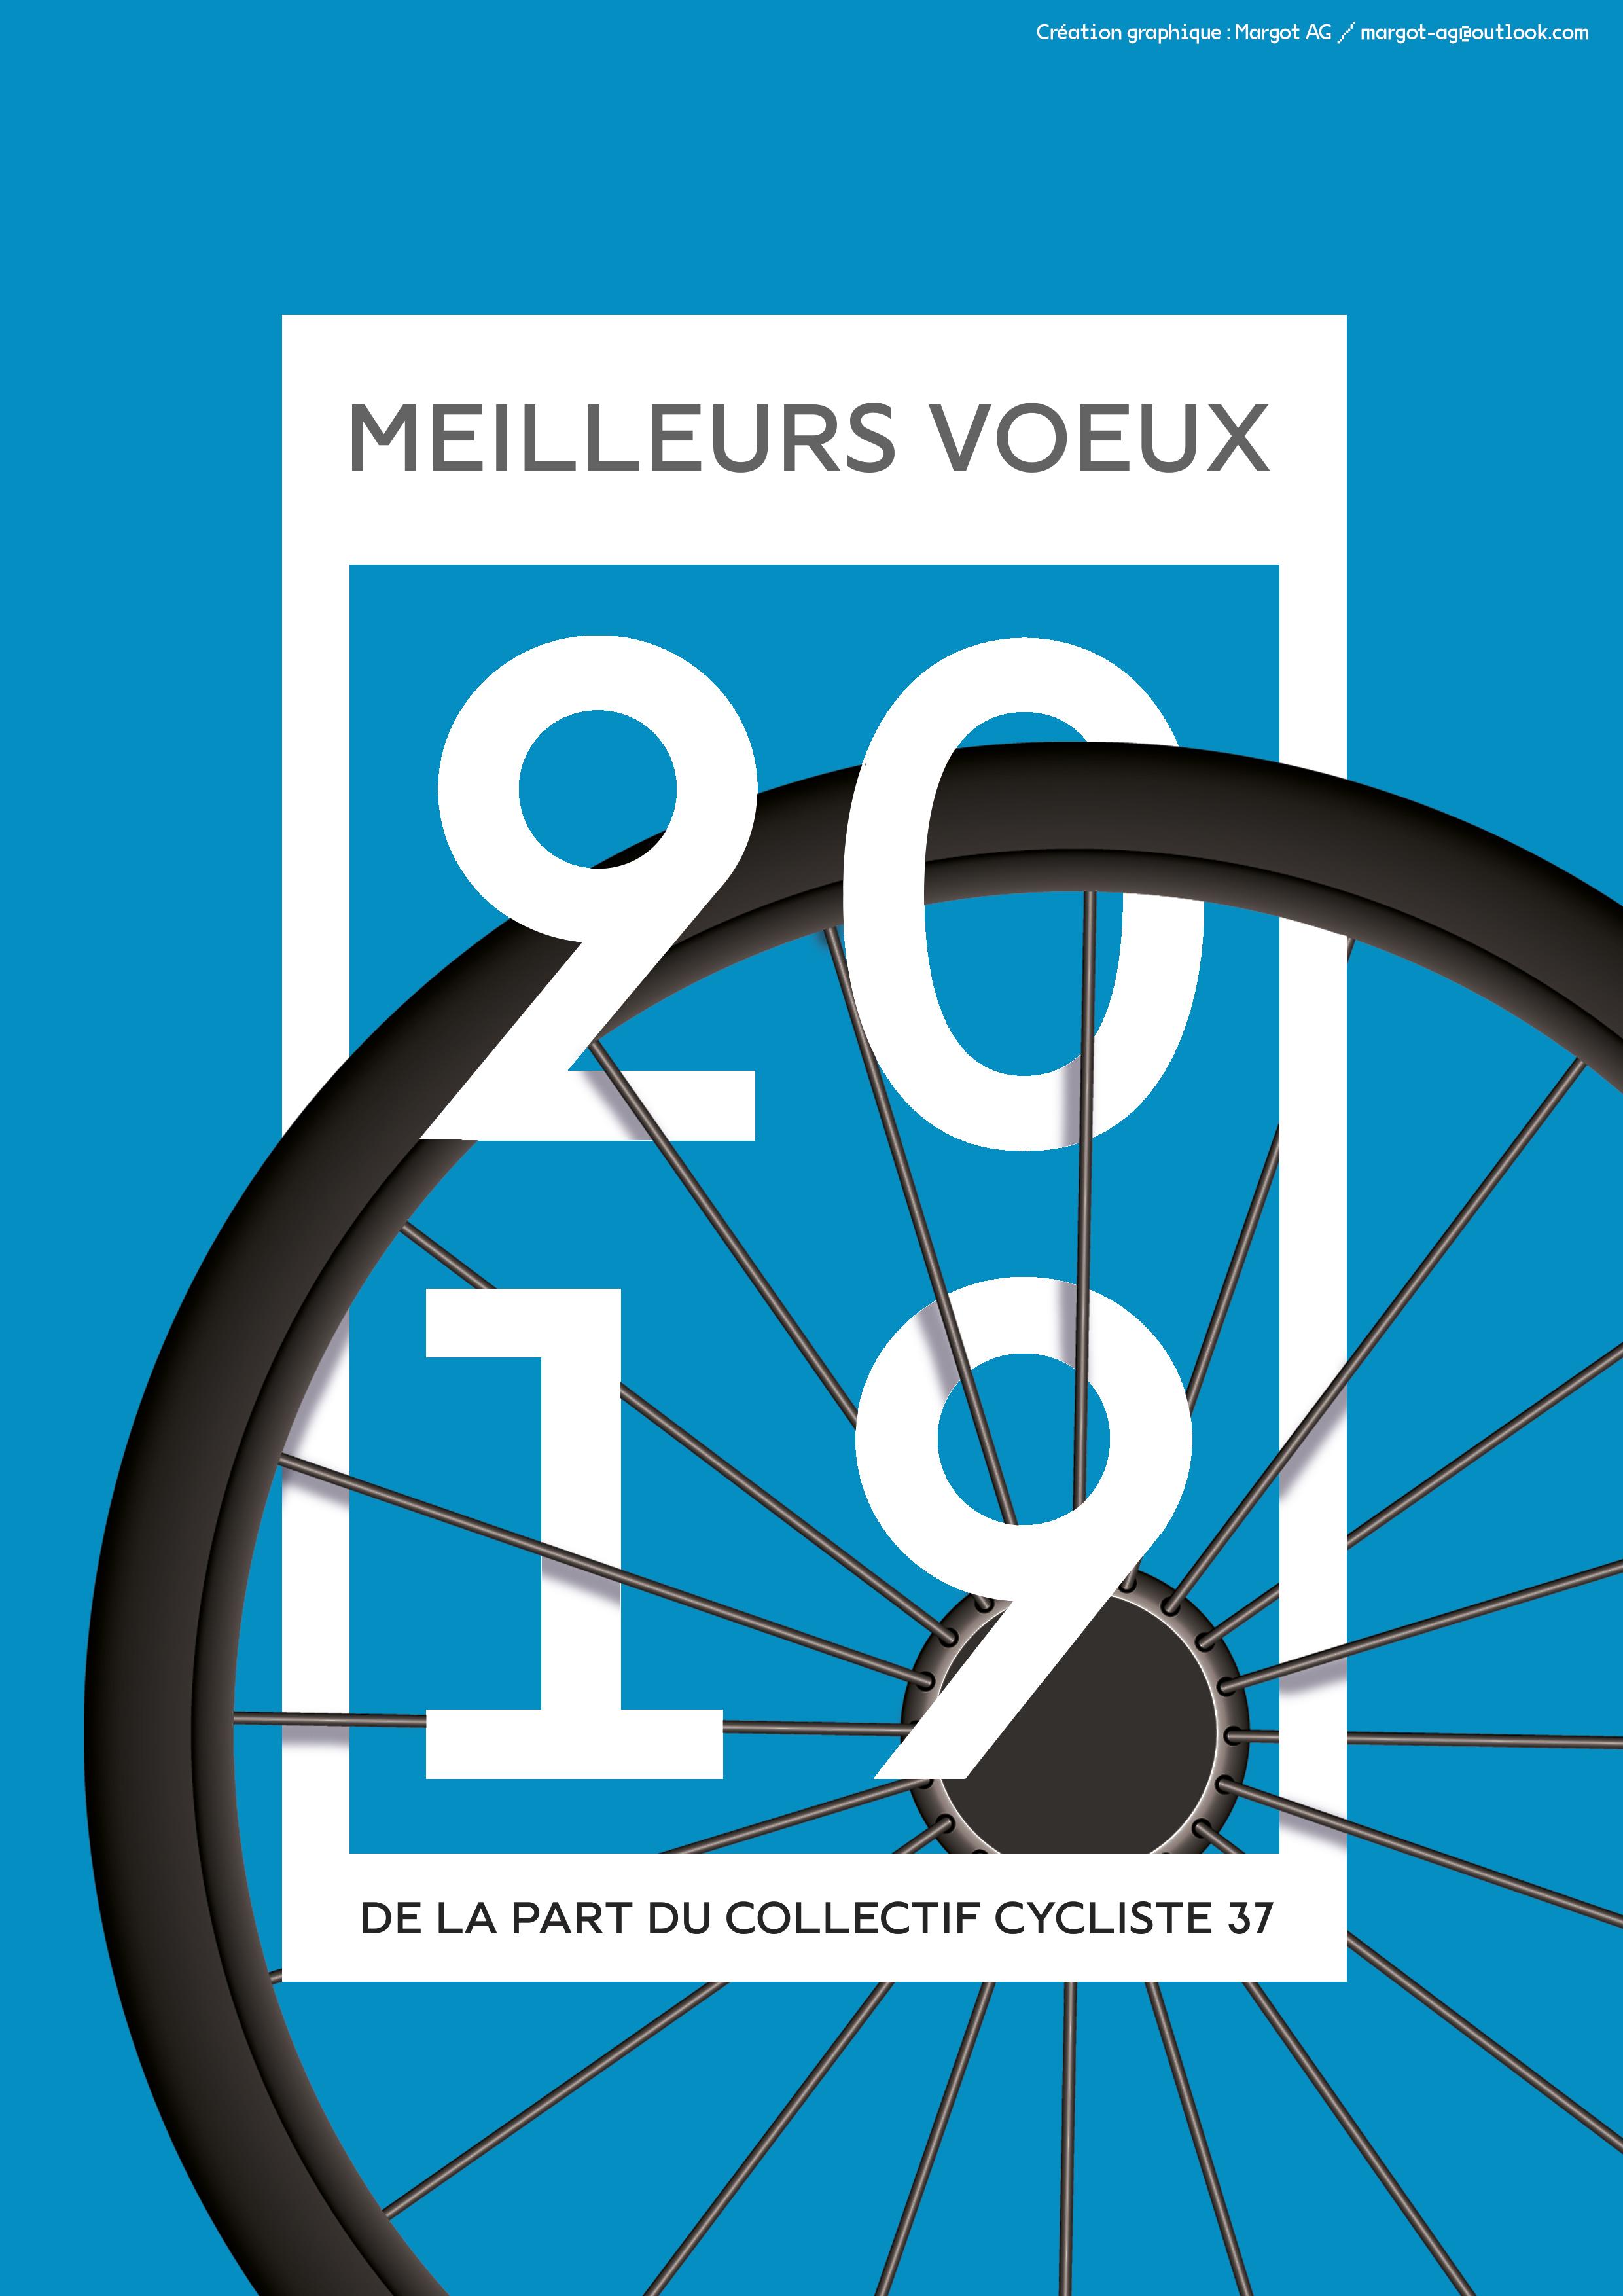 Carte de vœux 2019 du Collectif Cycliste 37 @CC37. Carte réalisée par Margot Audureau-Guillo